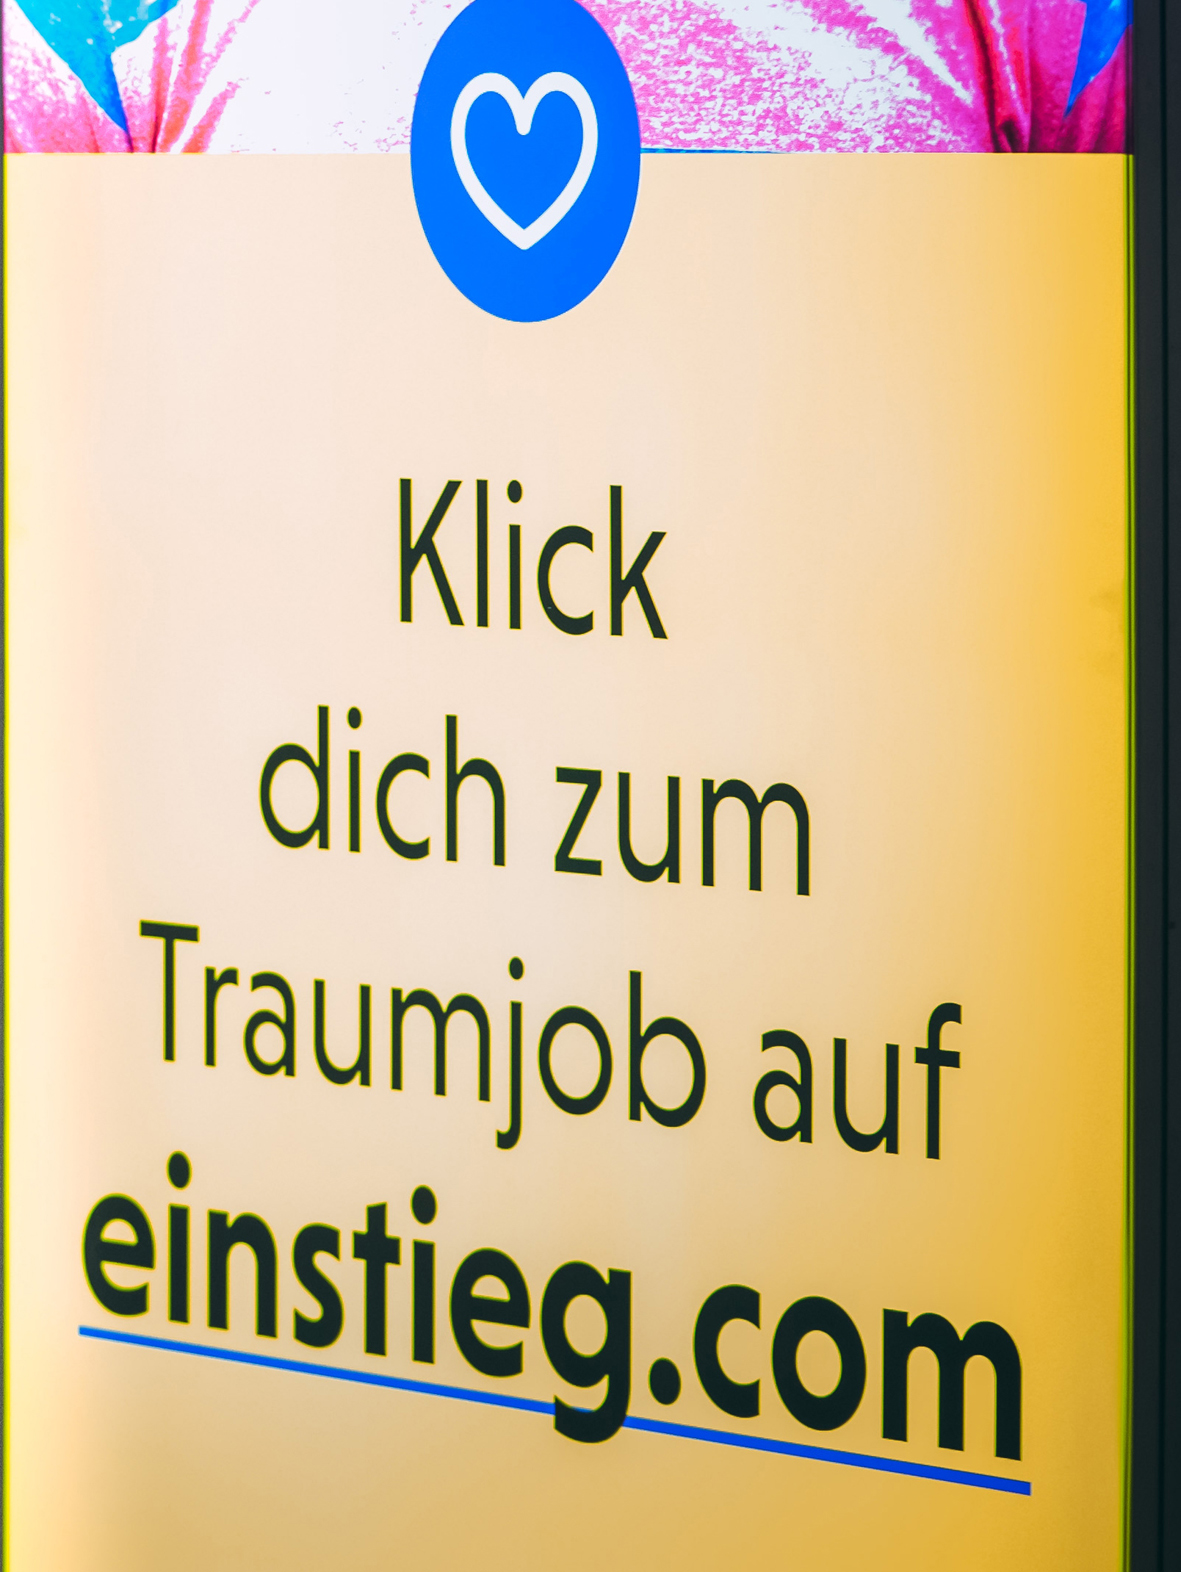 Einstieg Dortmund